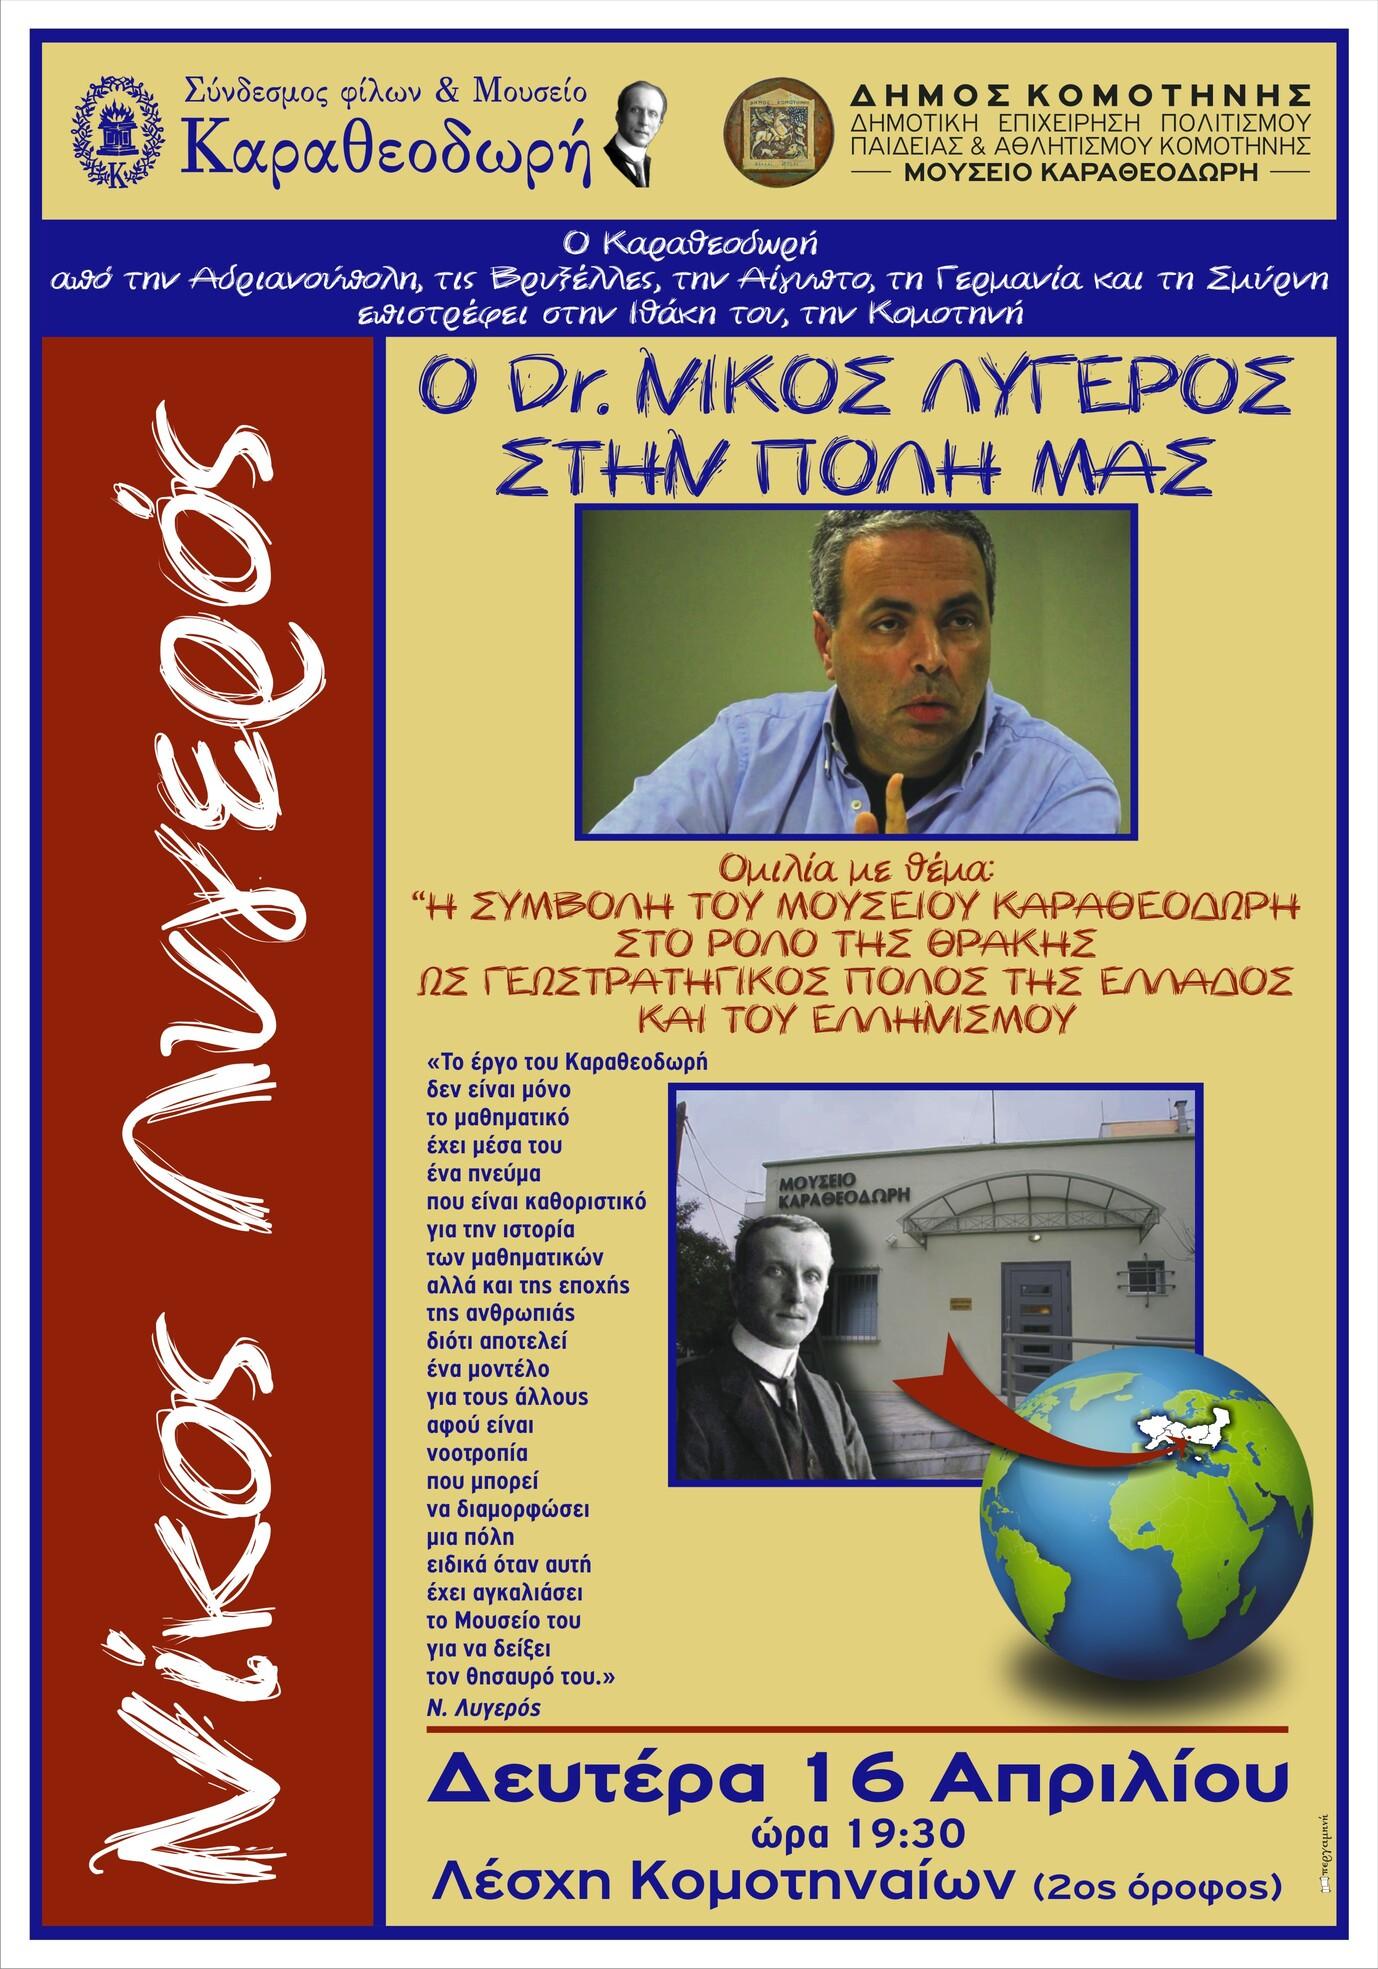 Διάλεξη: Η συμβολή του Μουσείου Καραθεοδωρή στο ρόλο της Θράκης ως γεωστρατηγικός πόλος της Ελλάδος και του Ελληνισμού